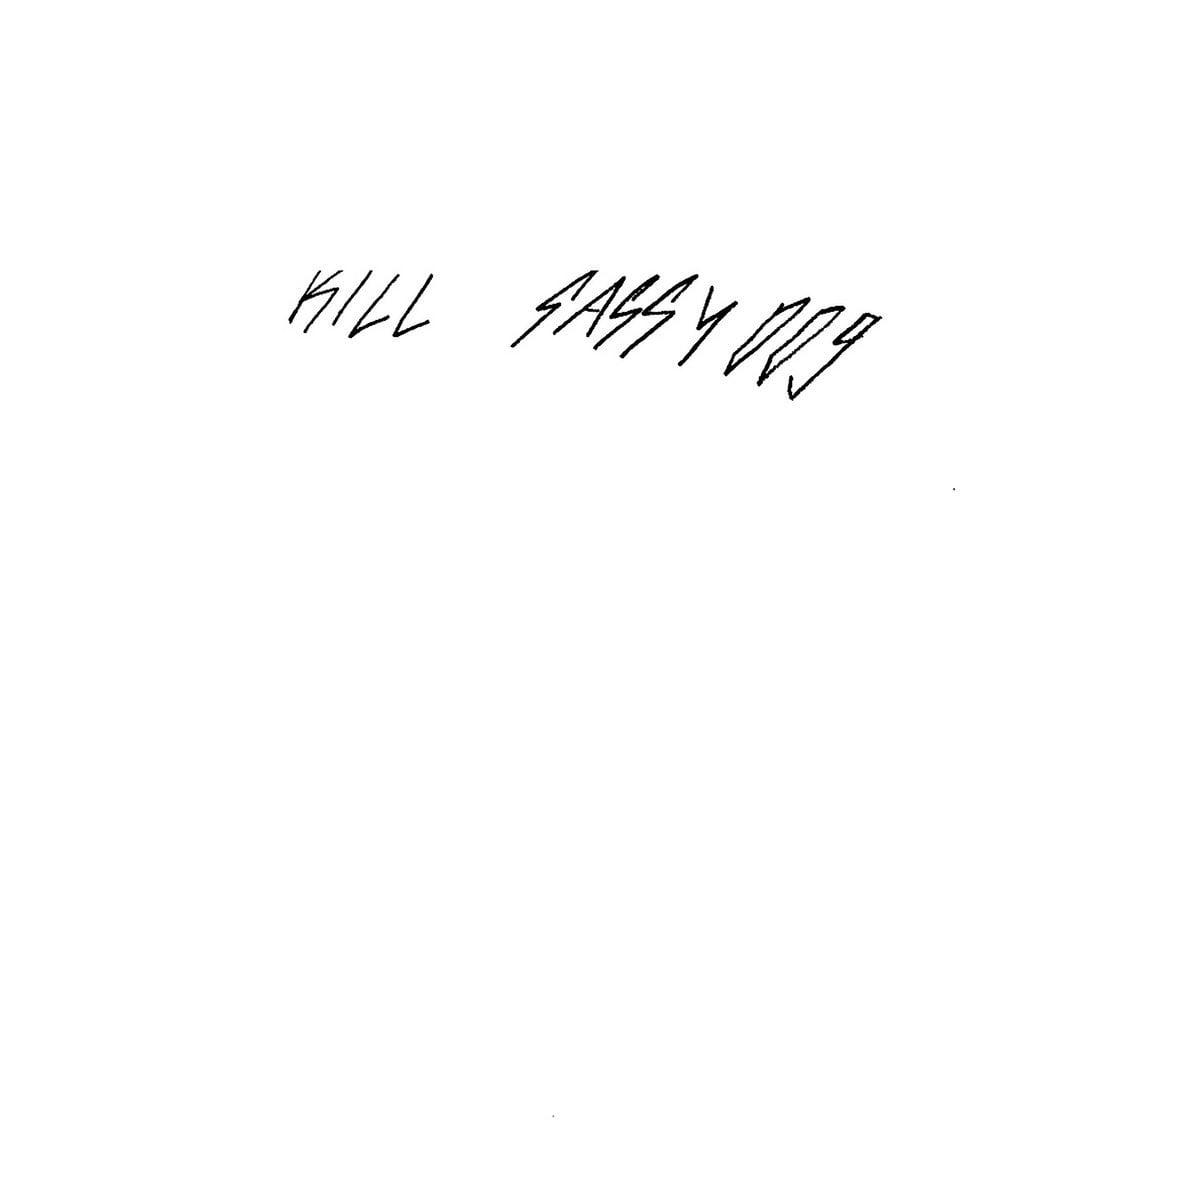 SASSY 009 - KILL SASSY 009 (LP)